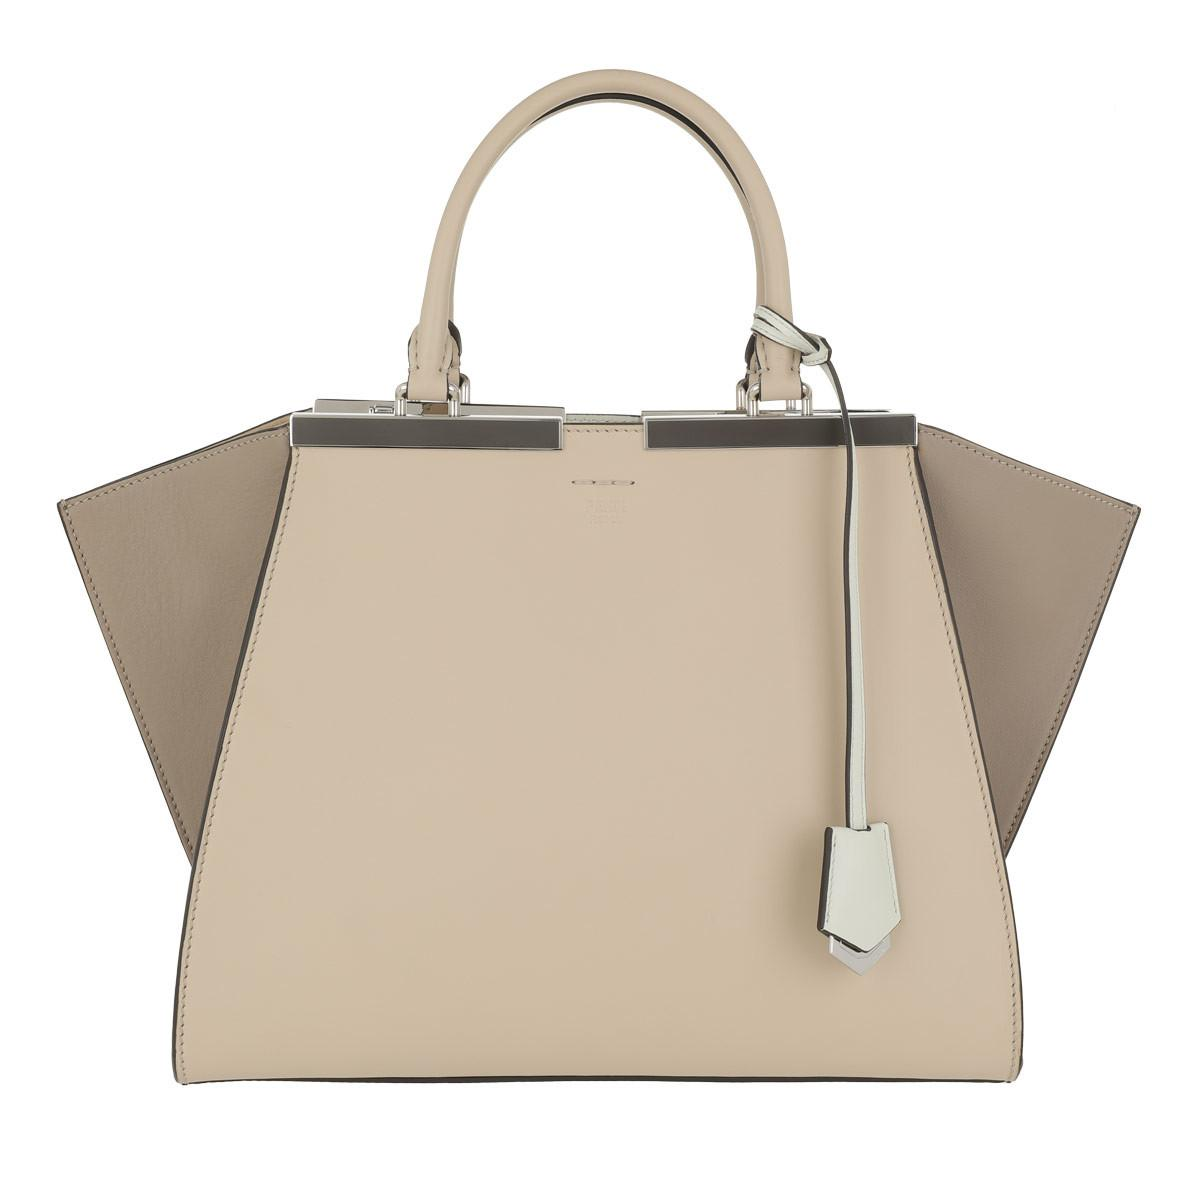 Fendi Calfskin 3jours Bag in Natural - Save 26.769230769230774% - Lyst af95533babc04